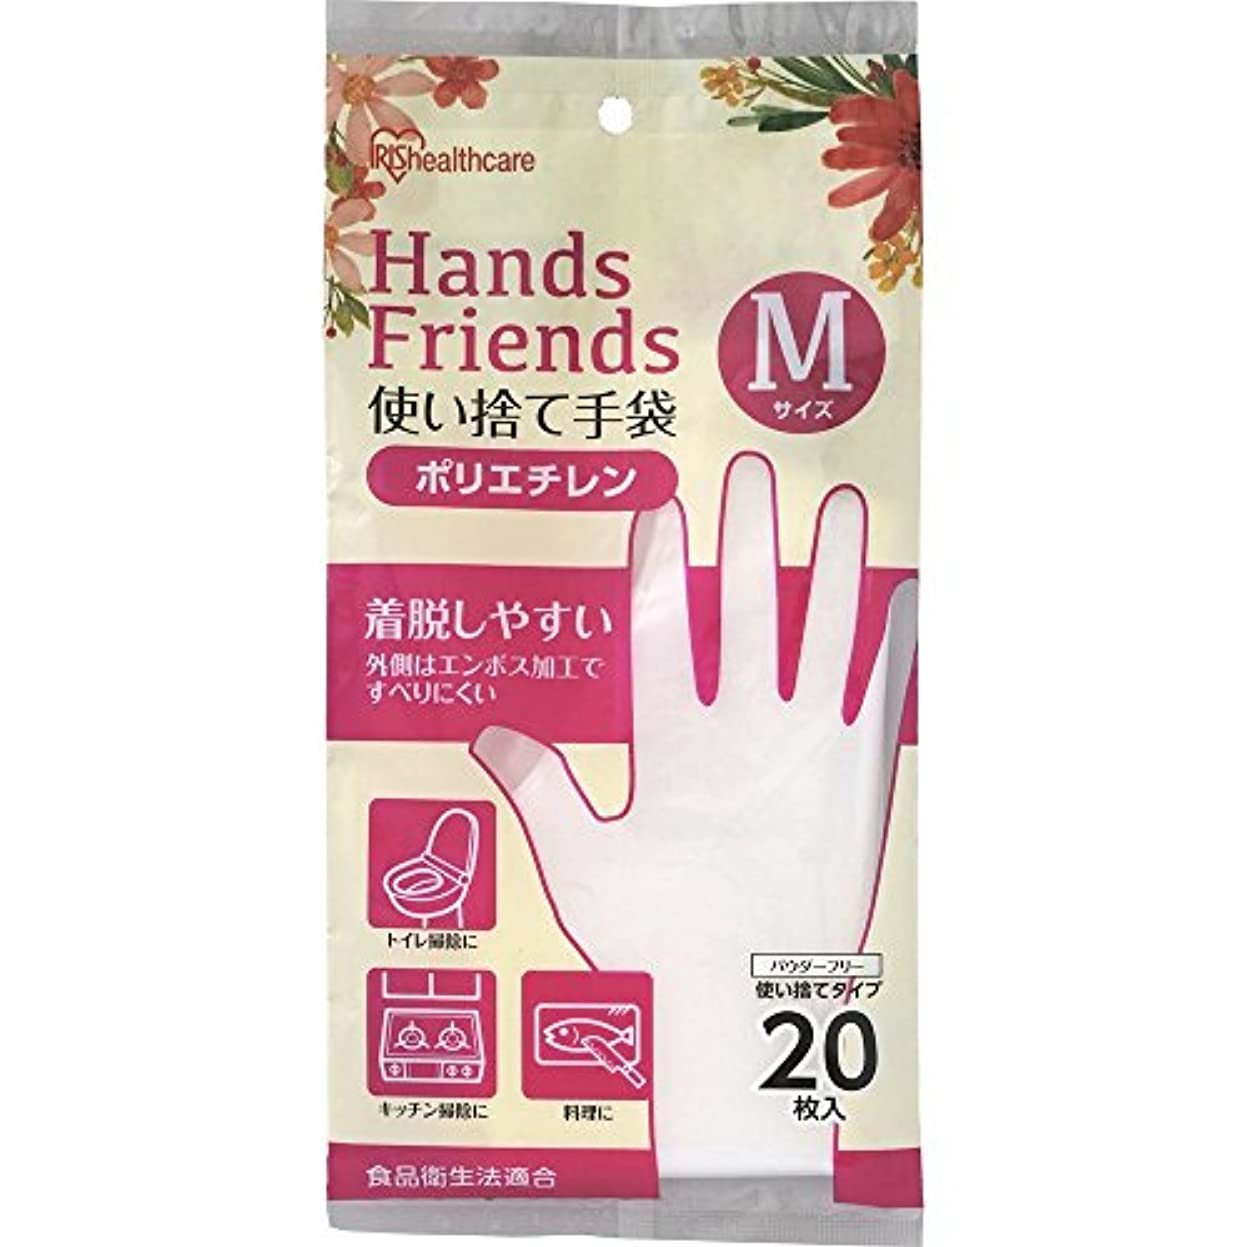 変更サポート論争の的使い捨て手袋 ポリエチレン手袋 Mサイズ 粉なし パウダーフリー クリア 20枚入